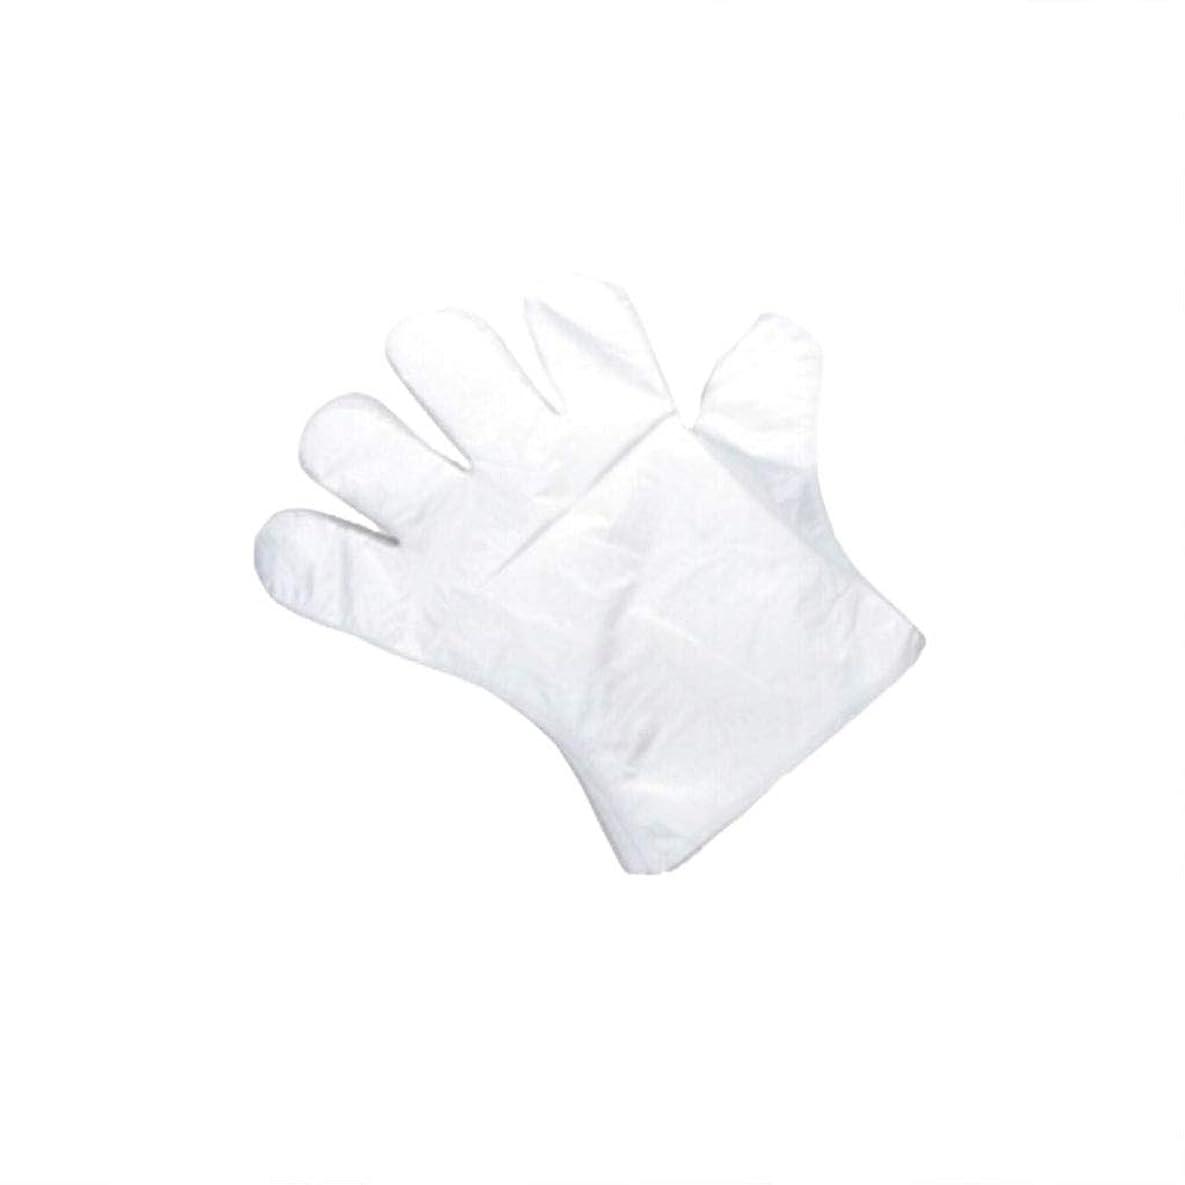 誘導奴隷畝間手袋、使い捨て手袋、肥厚、抽出手袋、テーブル、ピクニック、100スーツ。